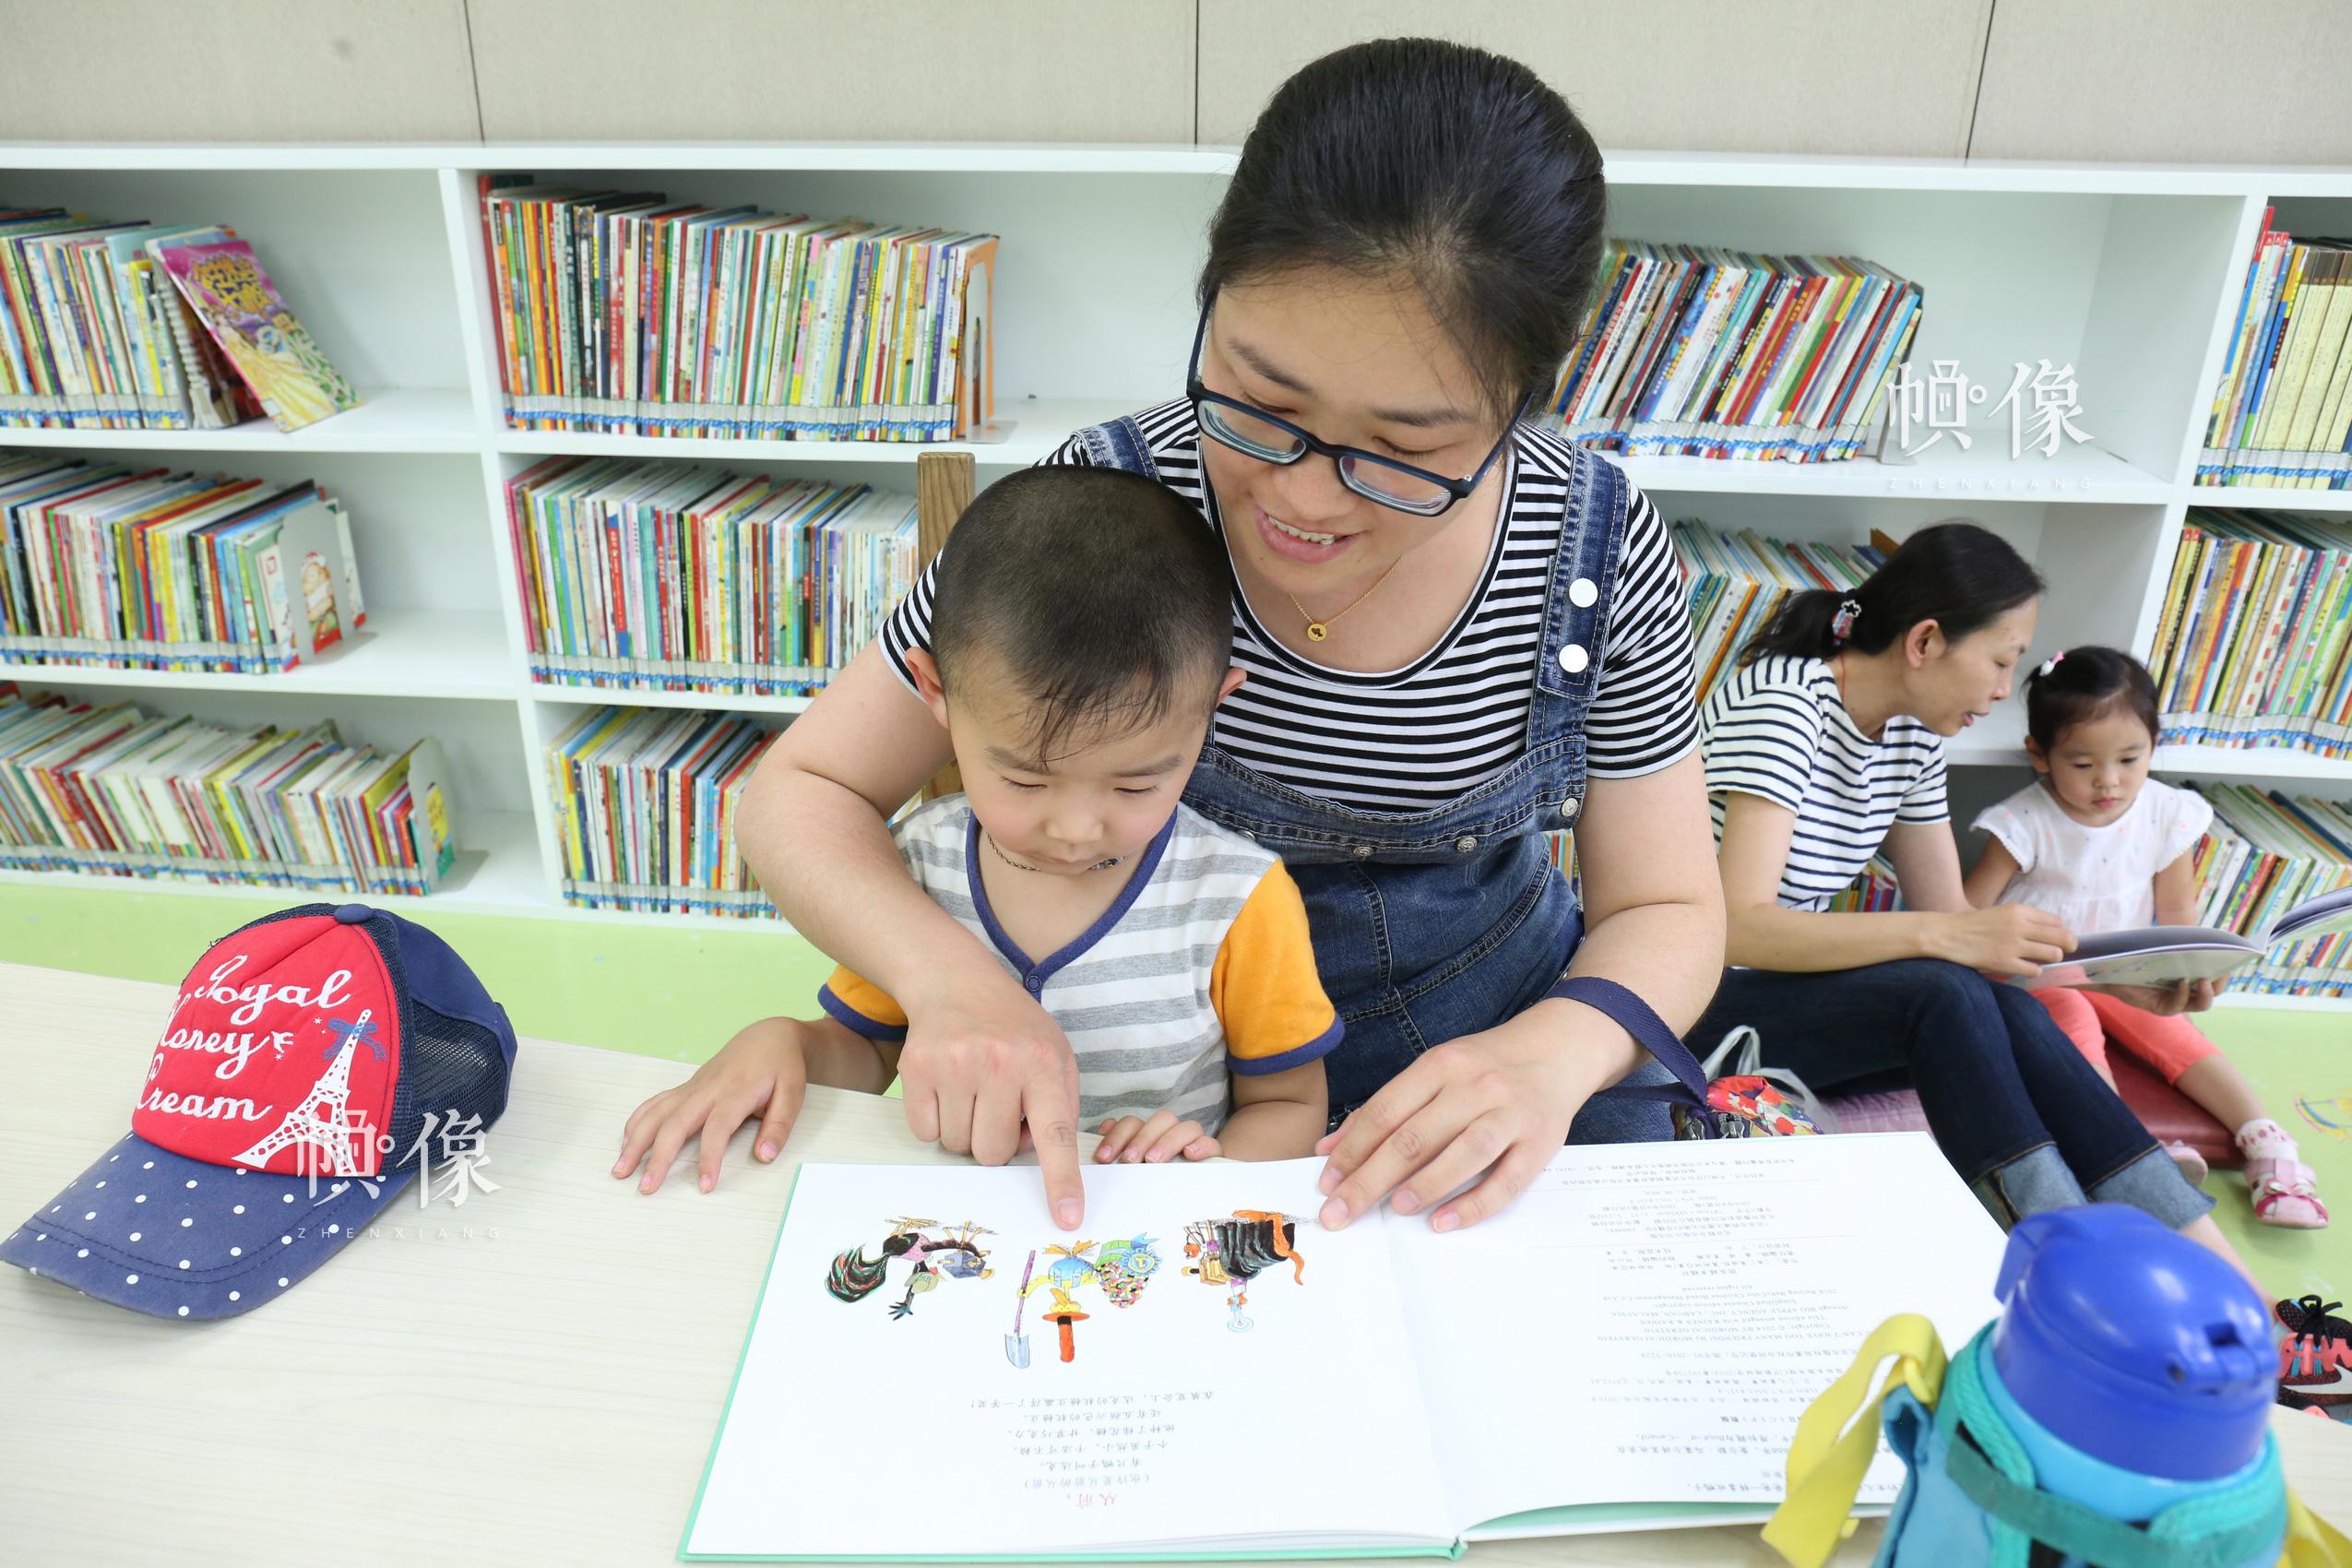 5月26日,北京国家图书馆,一位妈妈和儿子一起看书。 中国网记者 赵超 摄